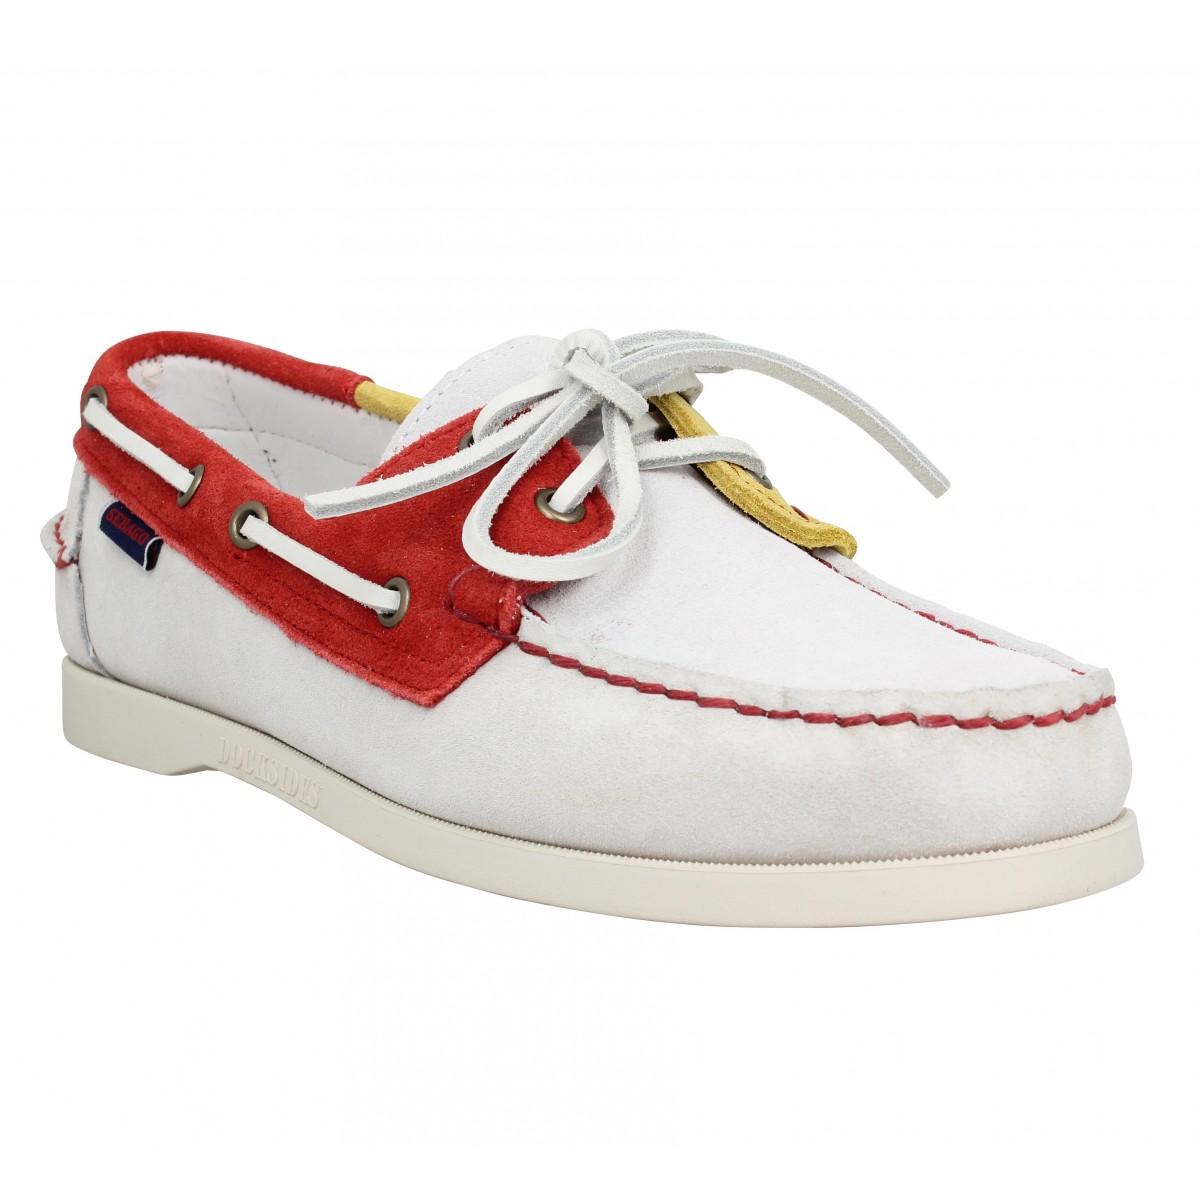 Chaussures bateaux SEBAGO Docksides Portland suede Homme Blanc Rouge Jaune